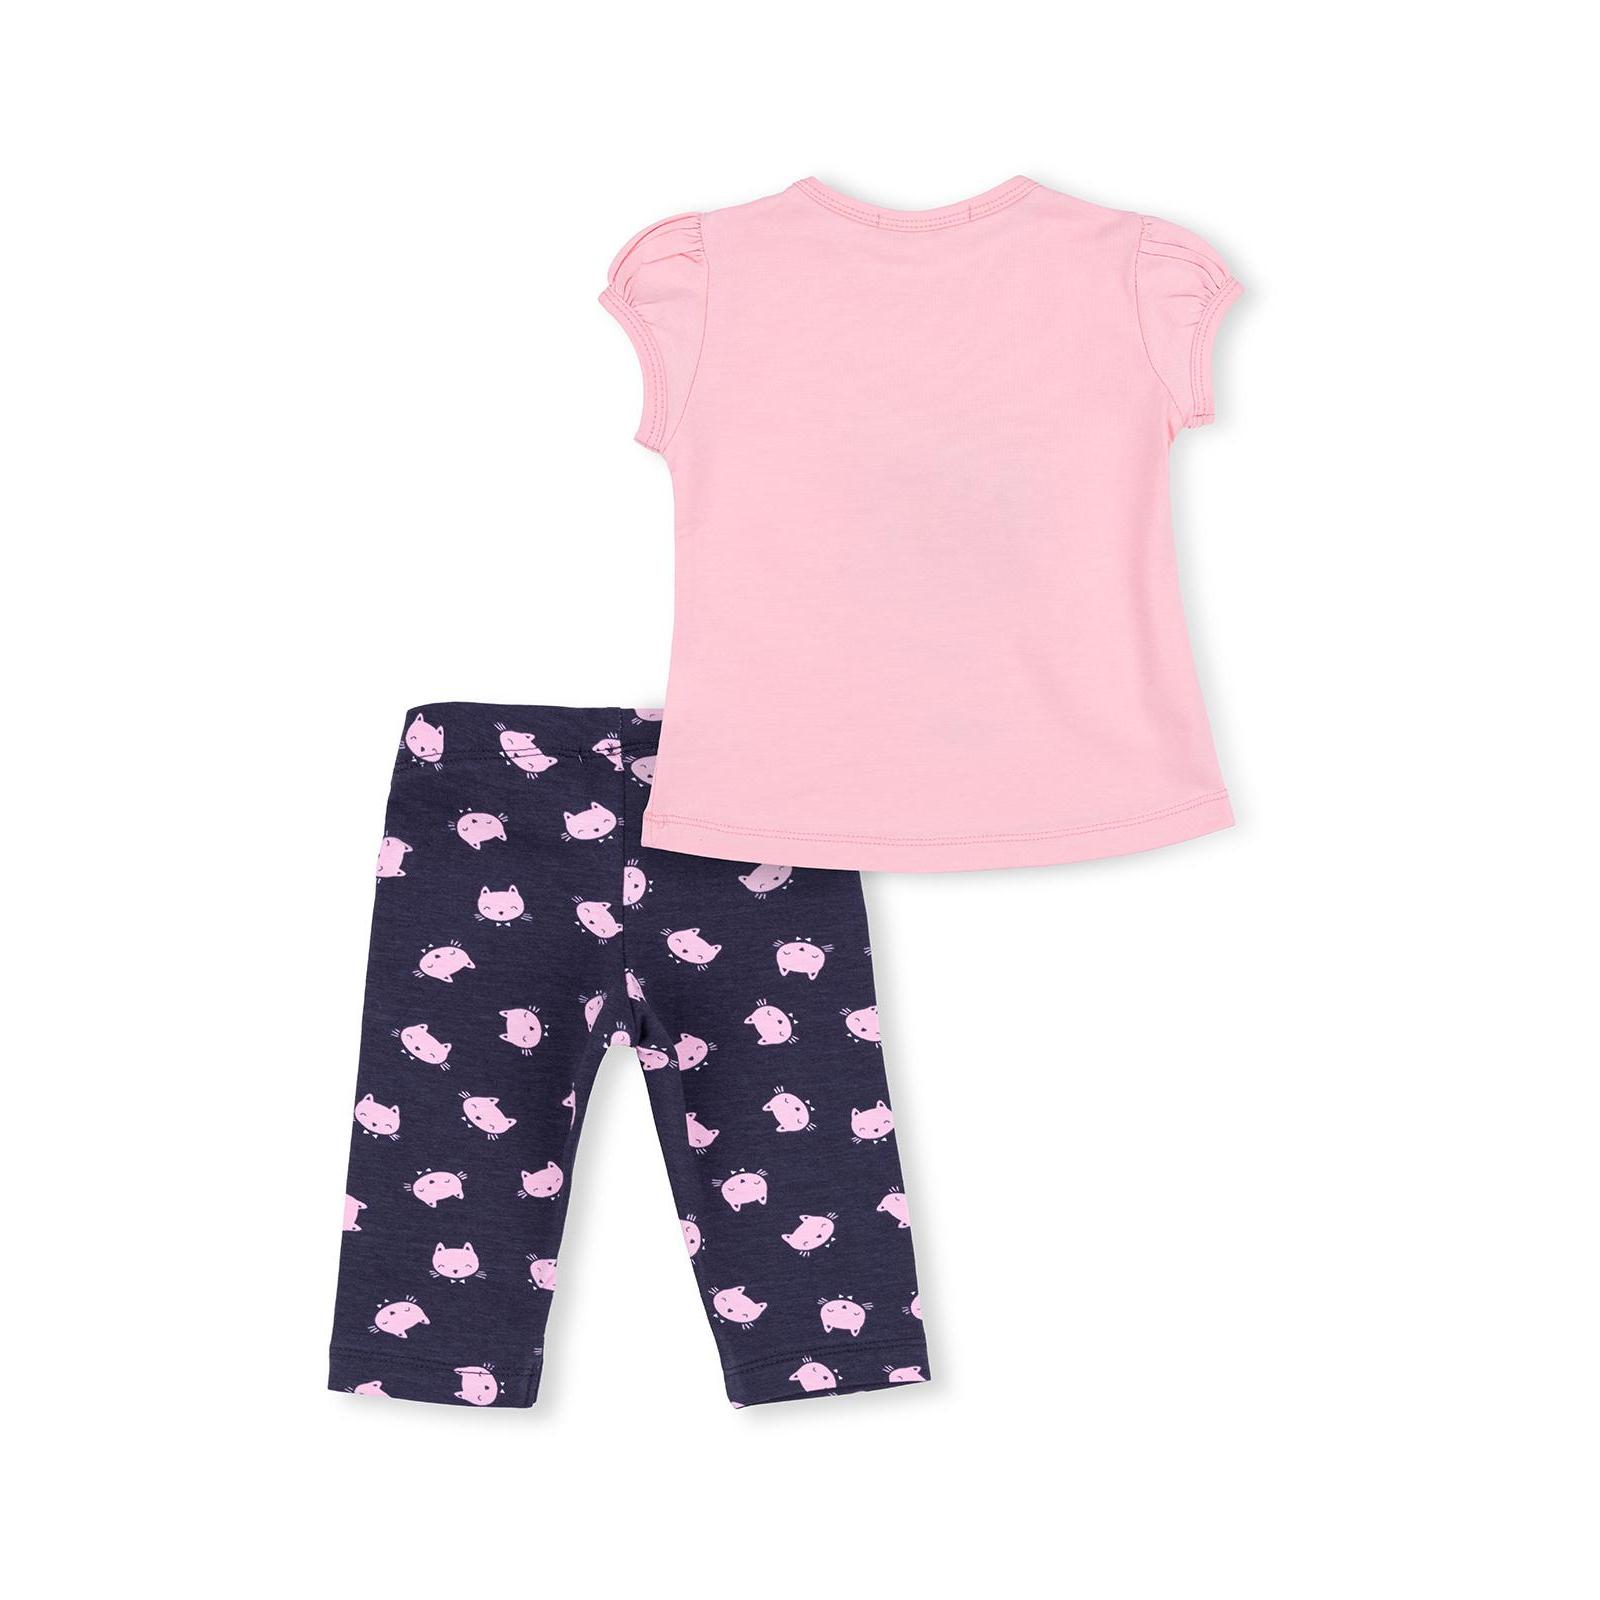 Набор детской одежды Breeze с котиками (7493-80G-pink) изображение 4